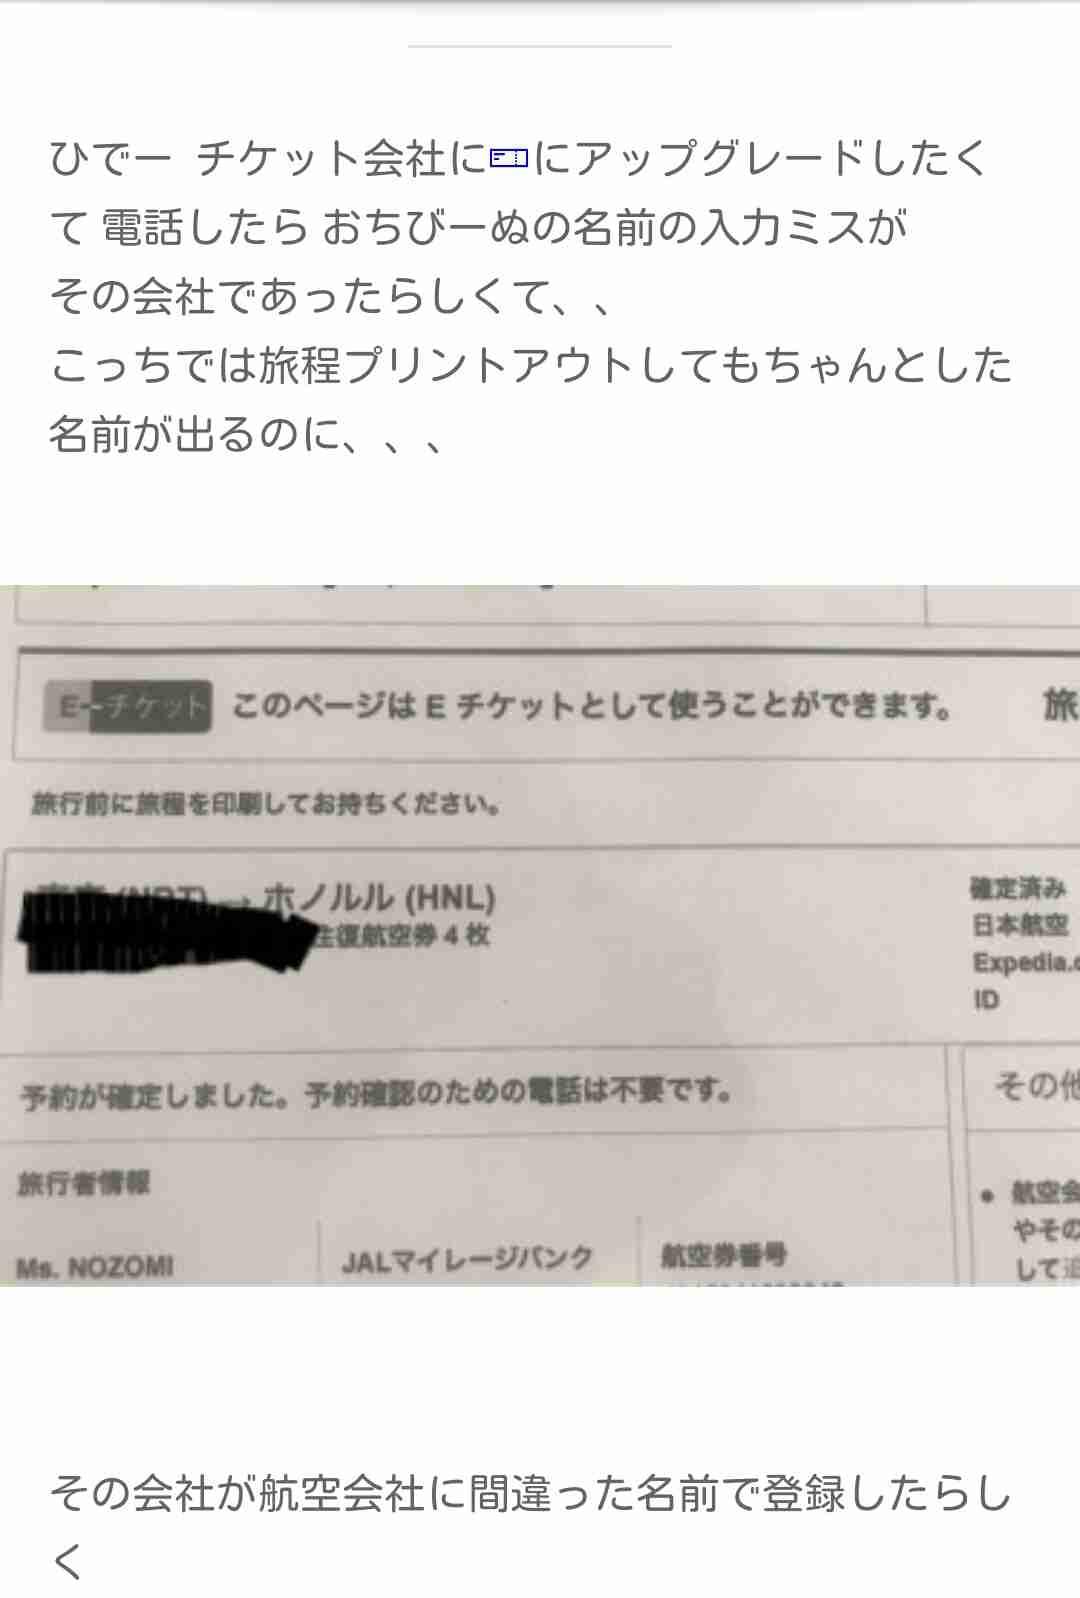 川崎希&アレク、ハワイ旅行で誤予約?代理店のミスとの主張に疑問の声